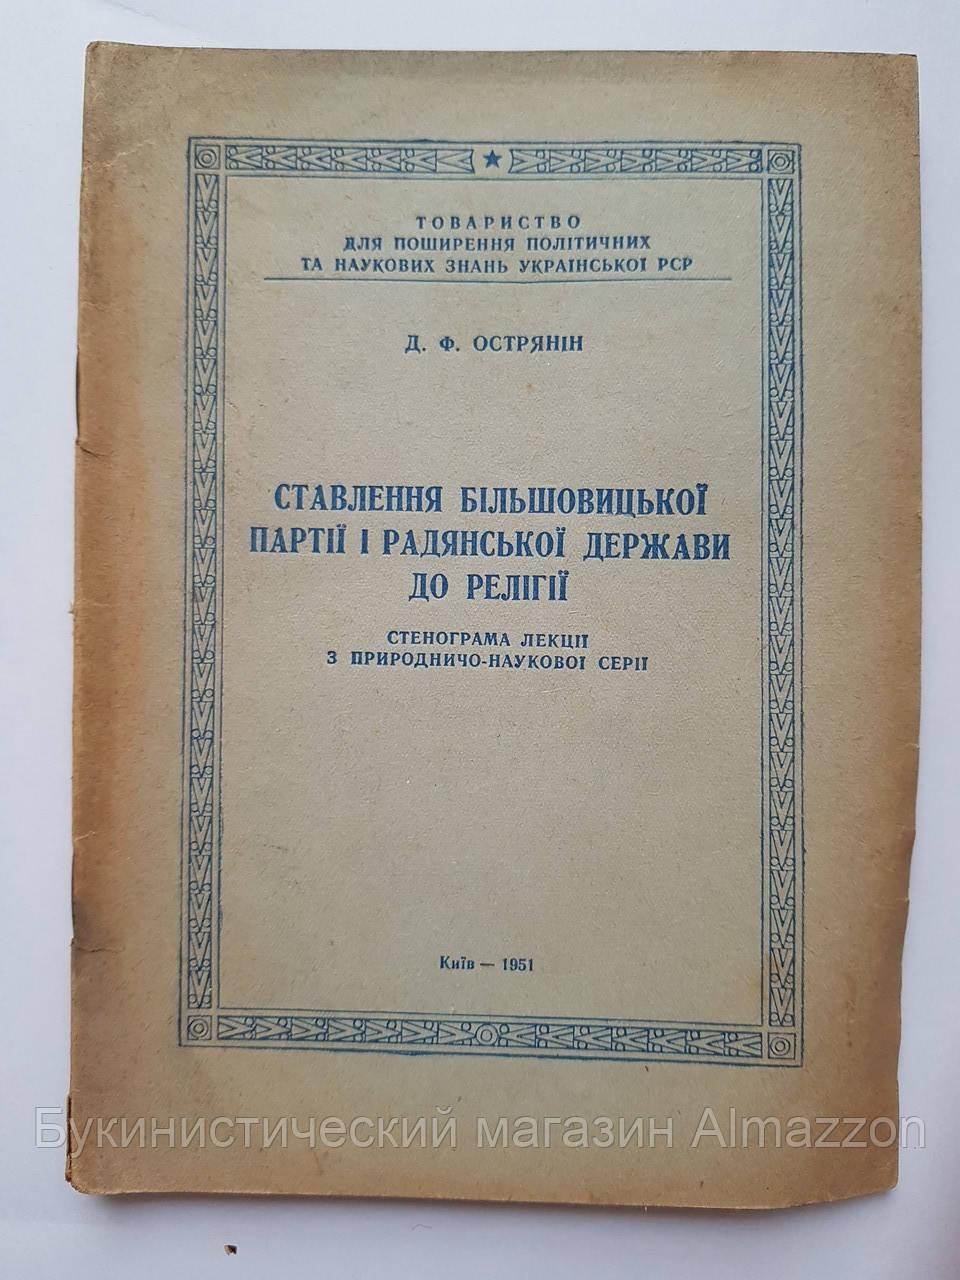 Ставлення більшовицької партії і радянської держави до релігії Д.Ф.Острянін.